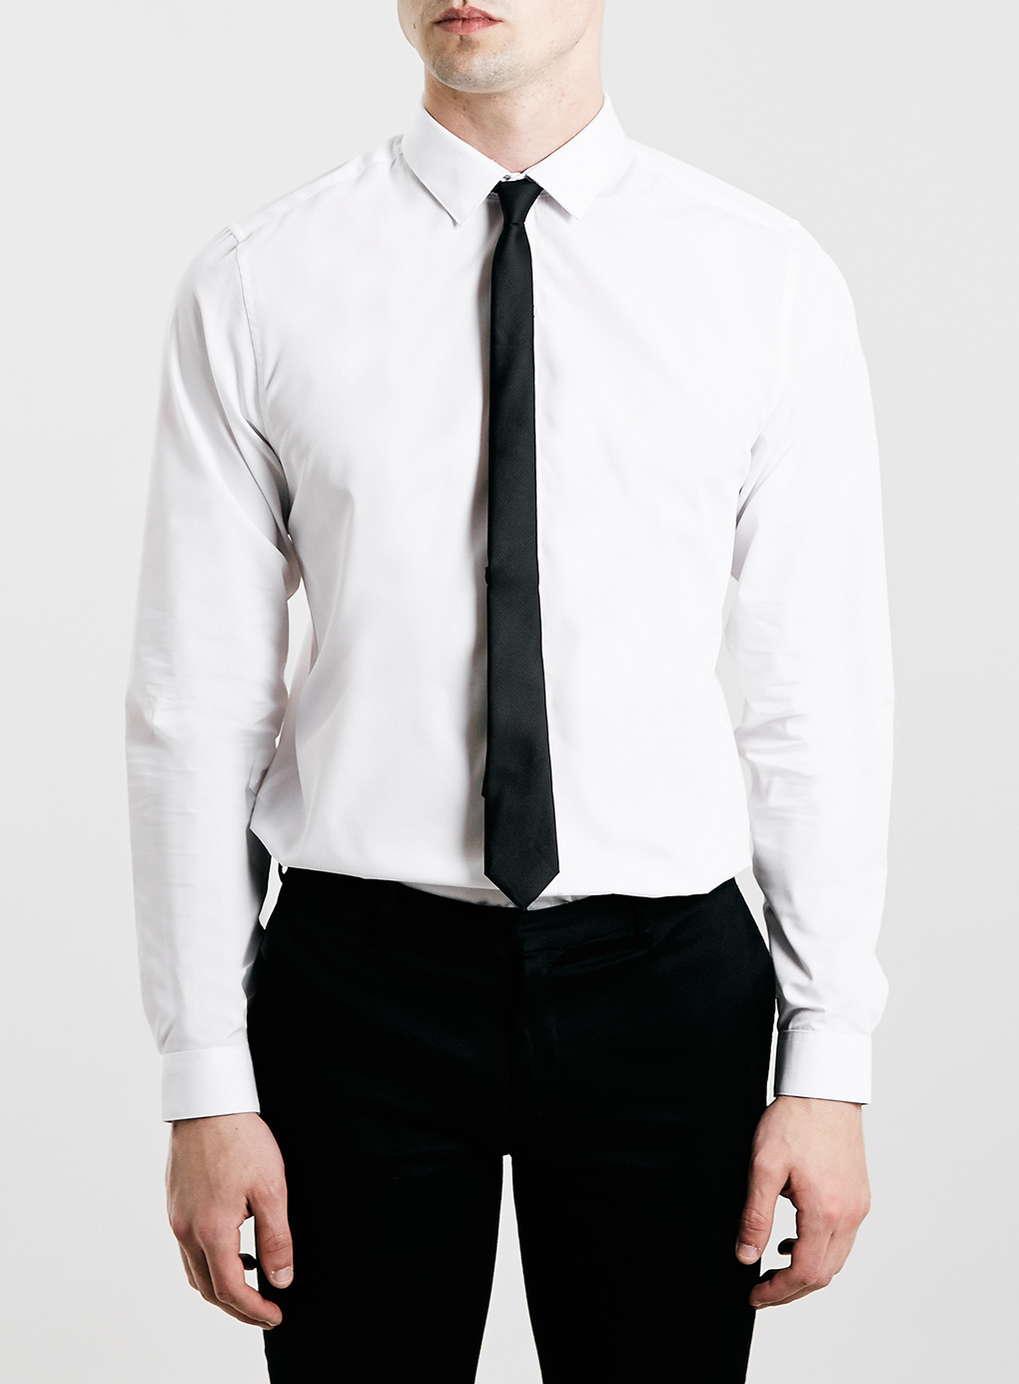 Topman white shirt black tie pack in white for men lyst for Black shirt black tie